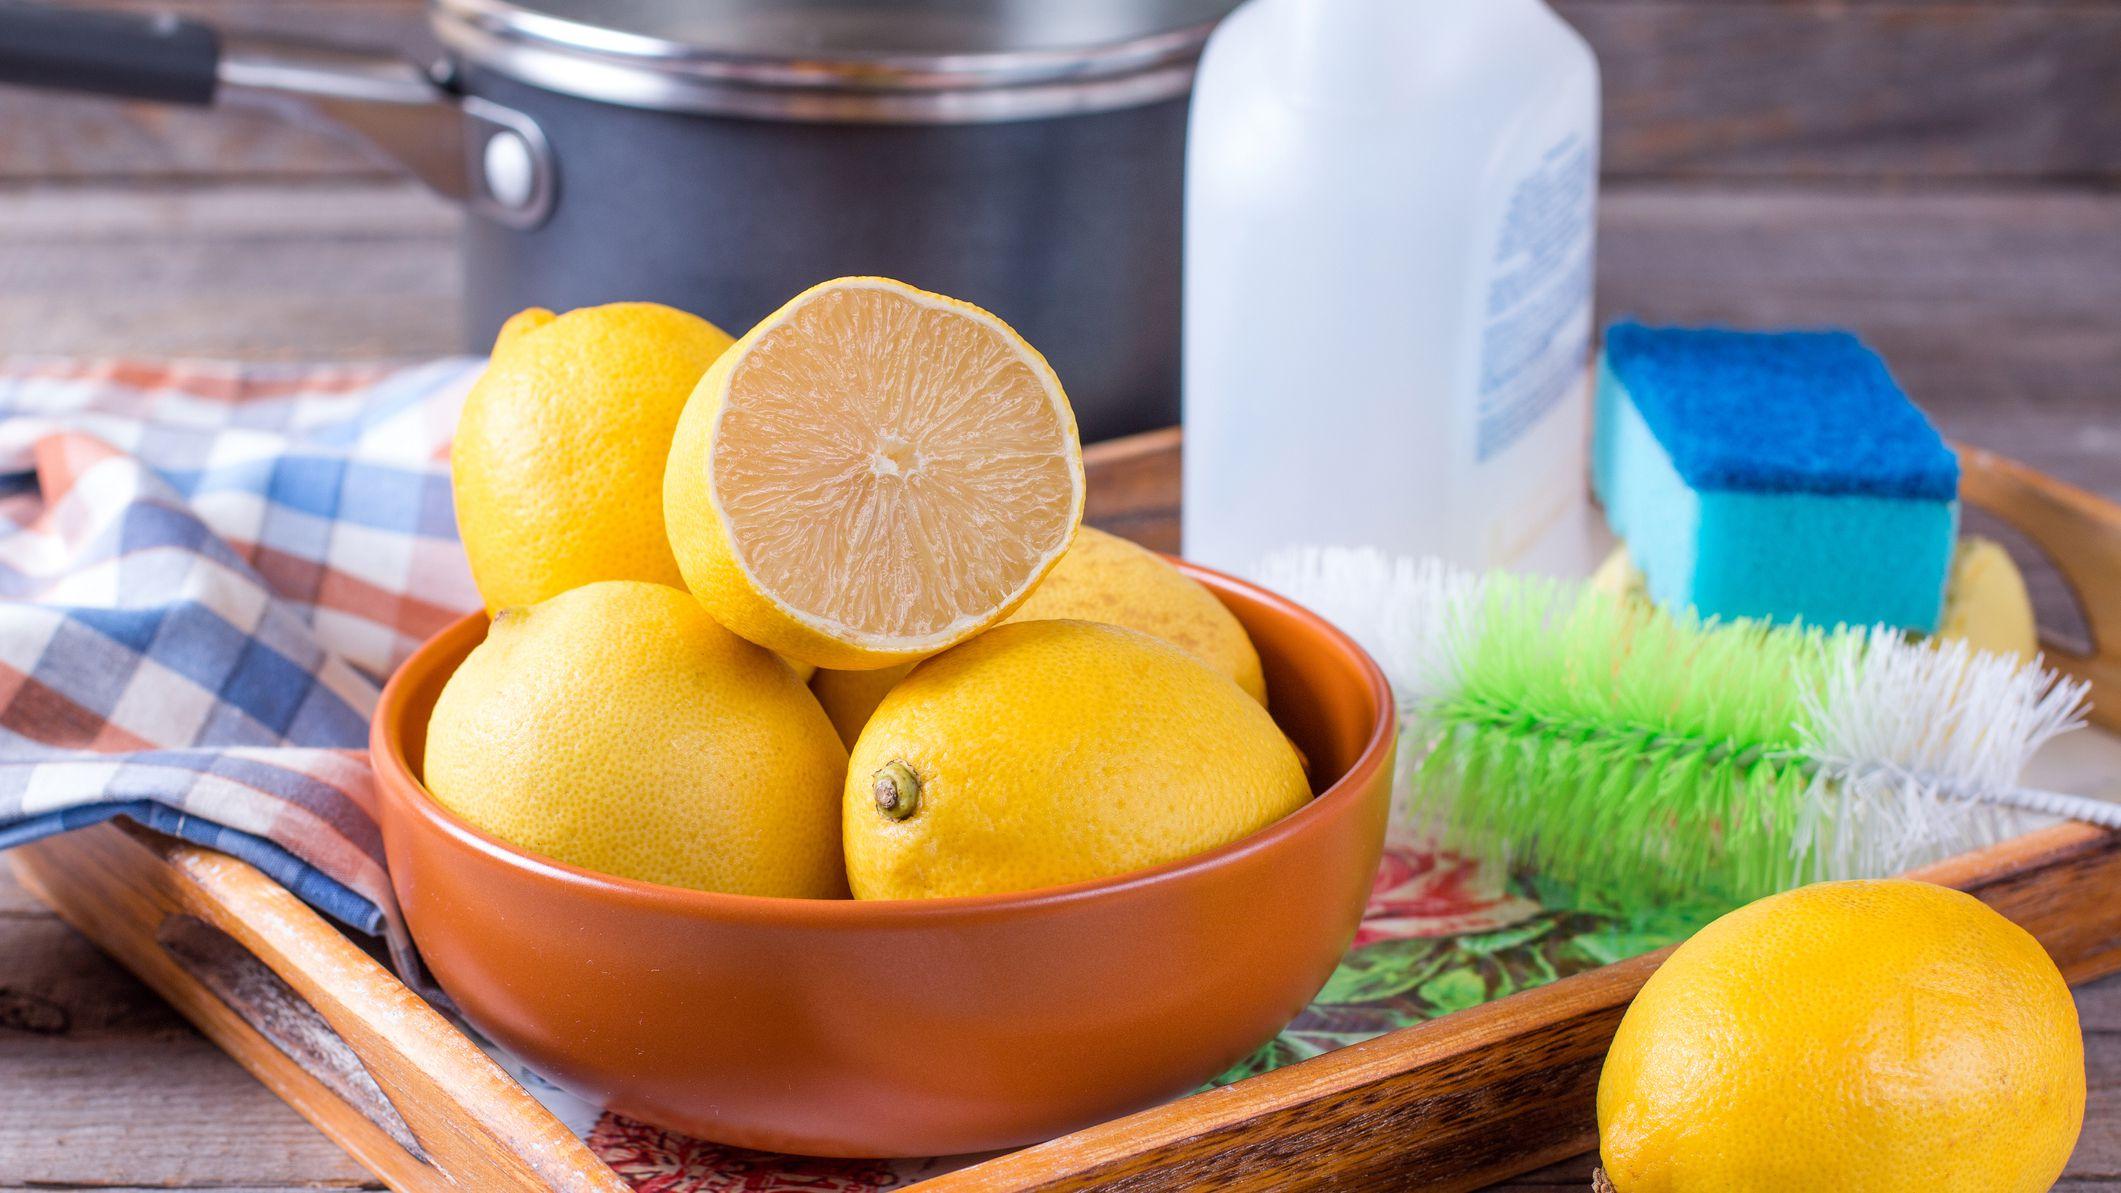 Microwave lemon cleansing